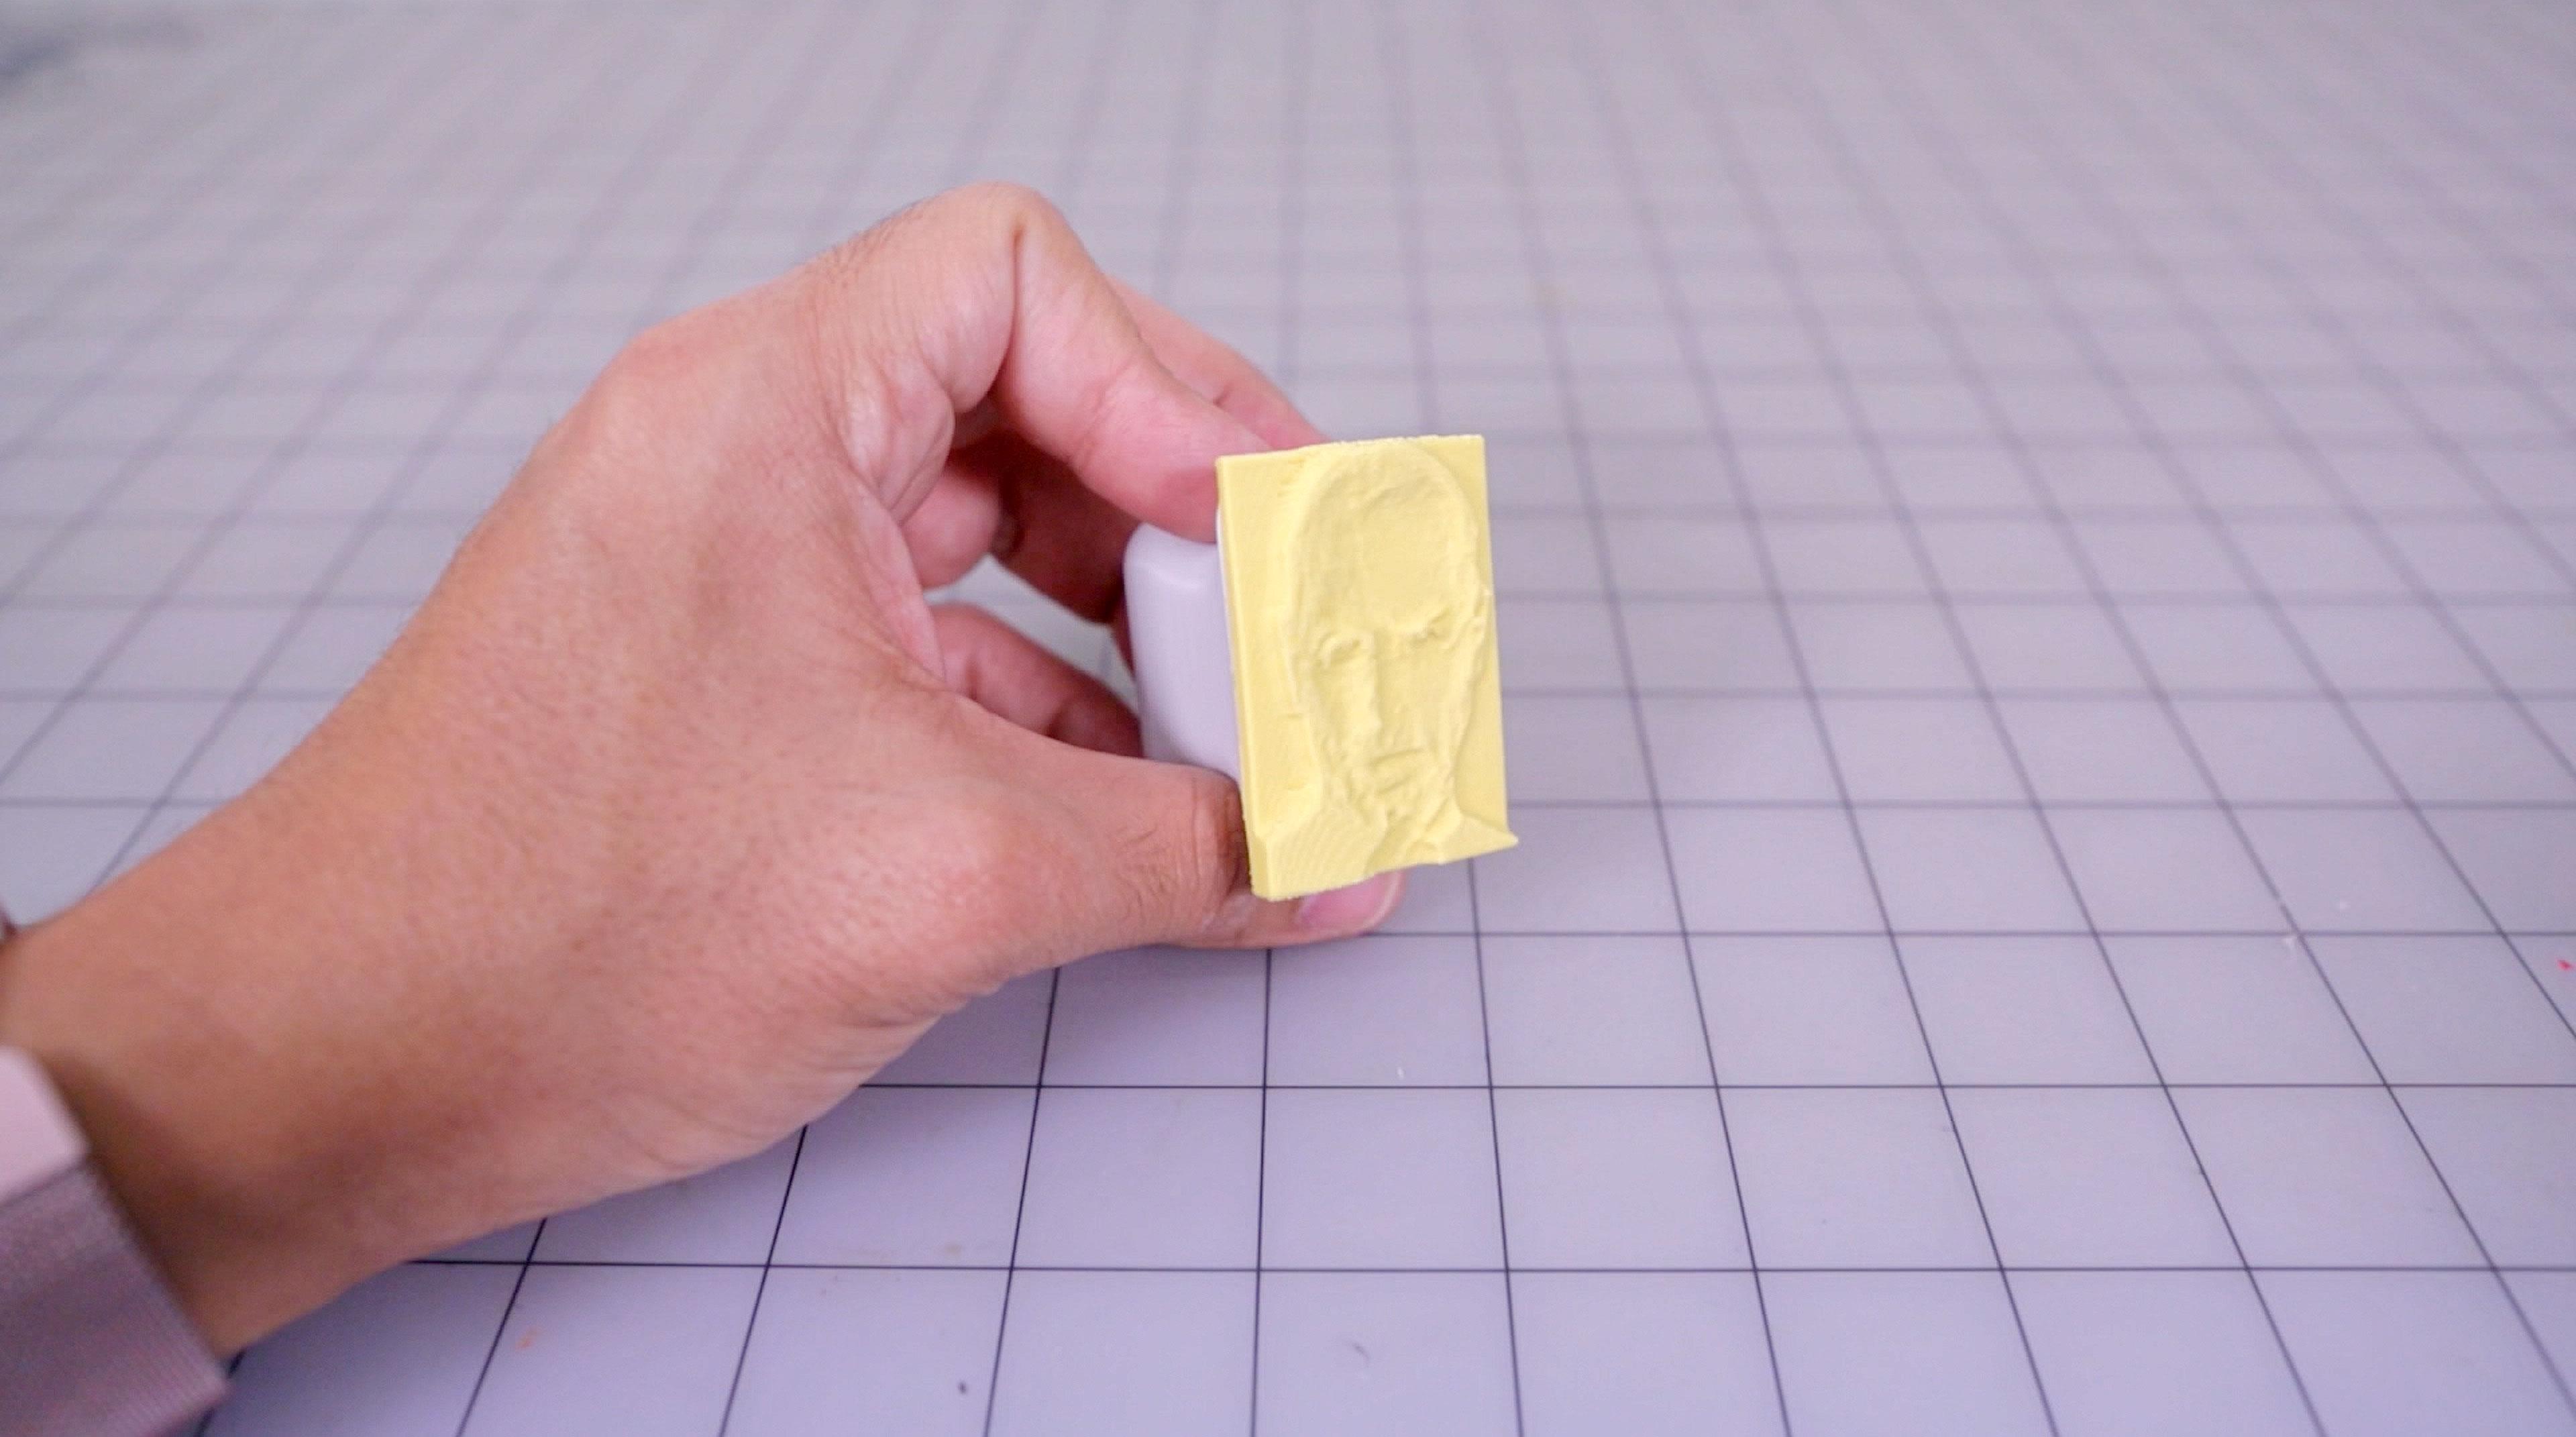 3d_printing_handle-glued.jpg